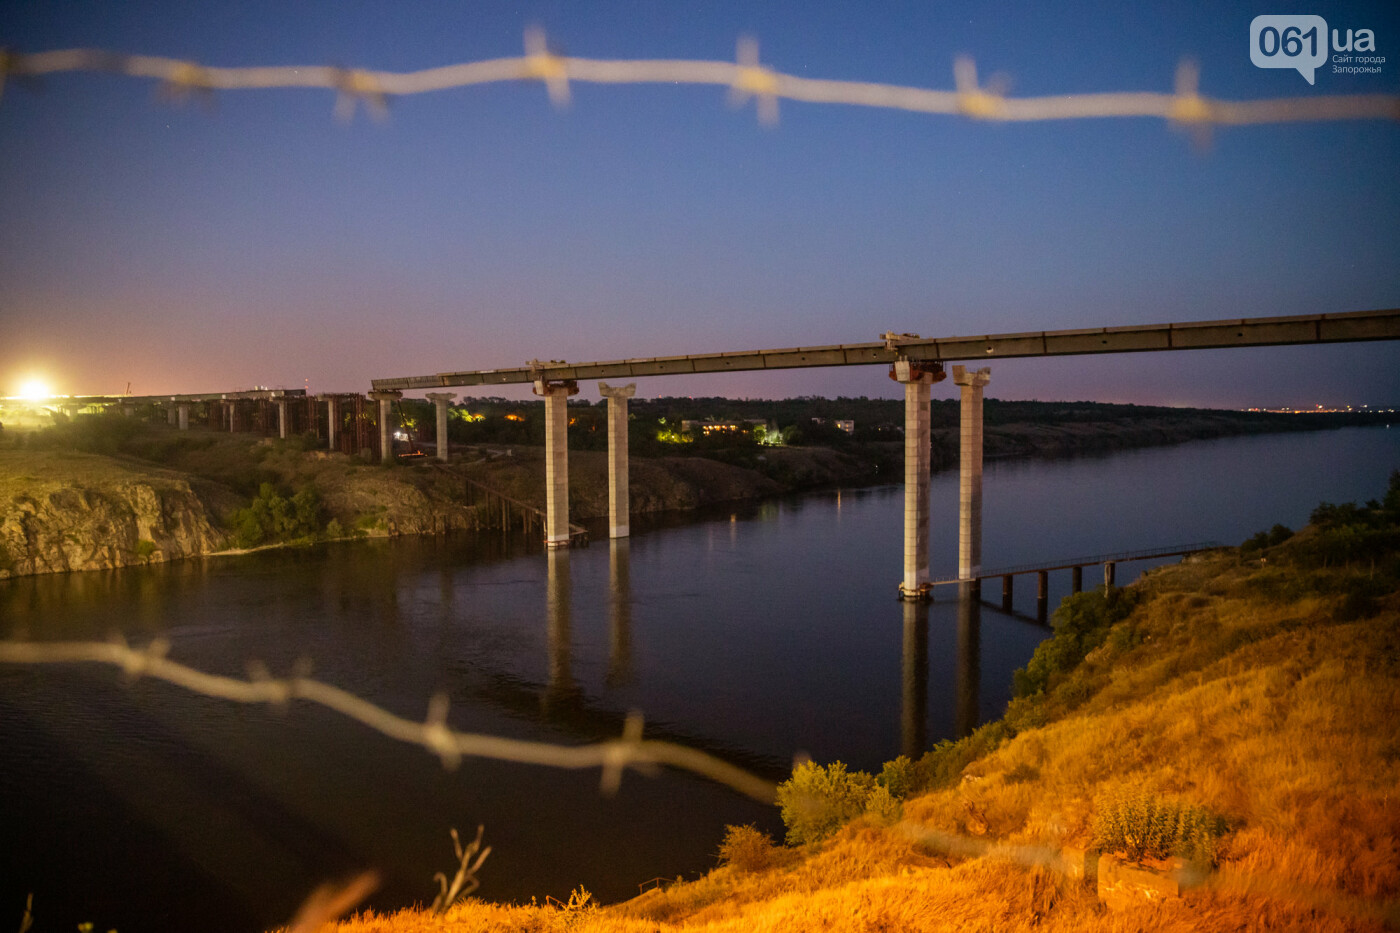 В Запорожье собирают балочный мост через Старый Днепр – строители работают даже ночью, - ФОТОРЕПОРТАЖ , фото-38